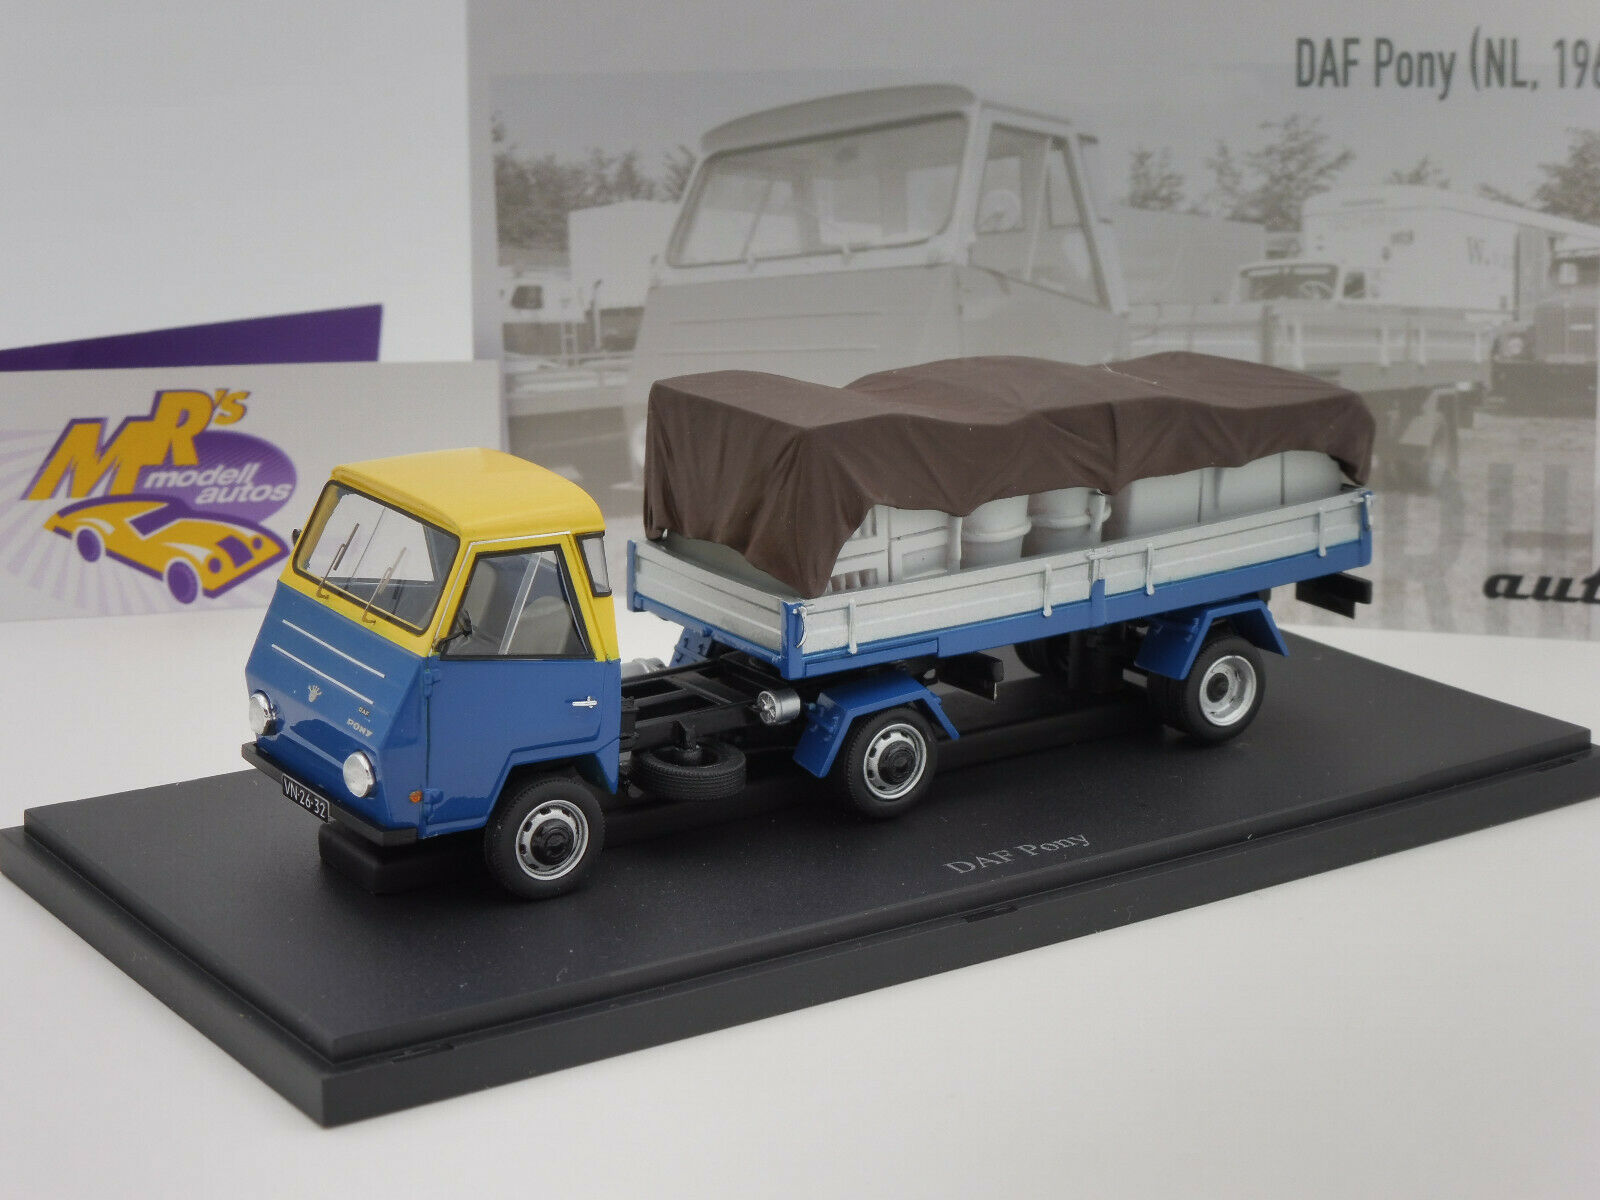 venta al por mayor barato Autocult 08010 08010 08010   DAF Pony remolCochese año 1968 en  azul-amarillo-plata  1 43 nuevo  Centro comercial profesional integrado en línea.